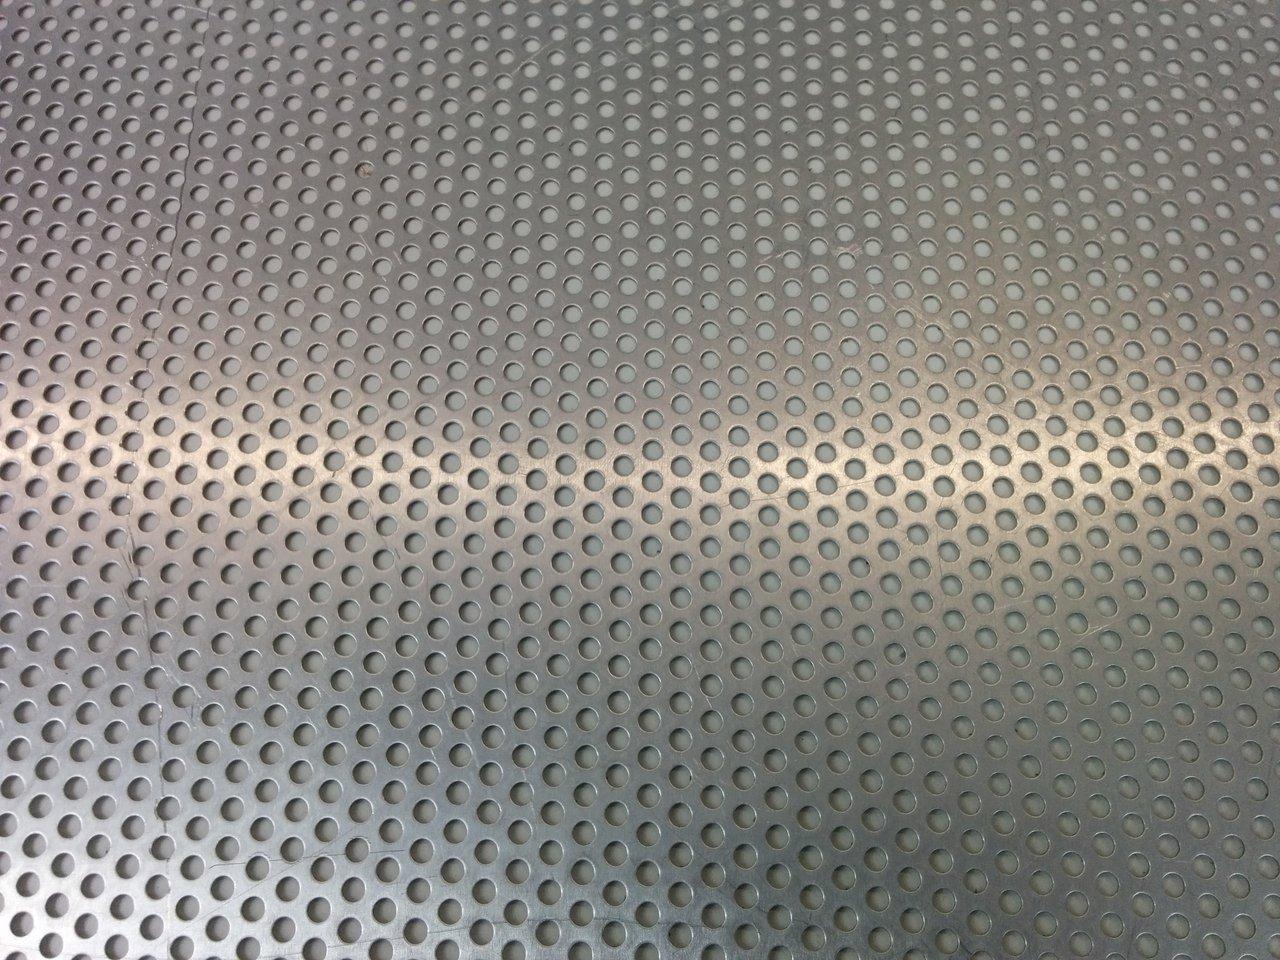 lochblech streifen aus aluminium 1 00 mm der spengler. Black Bedroom Furniture Sets. Home Design Ideas